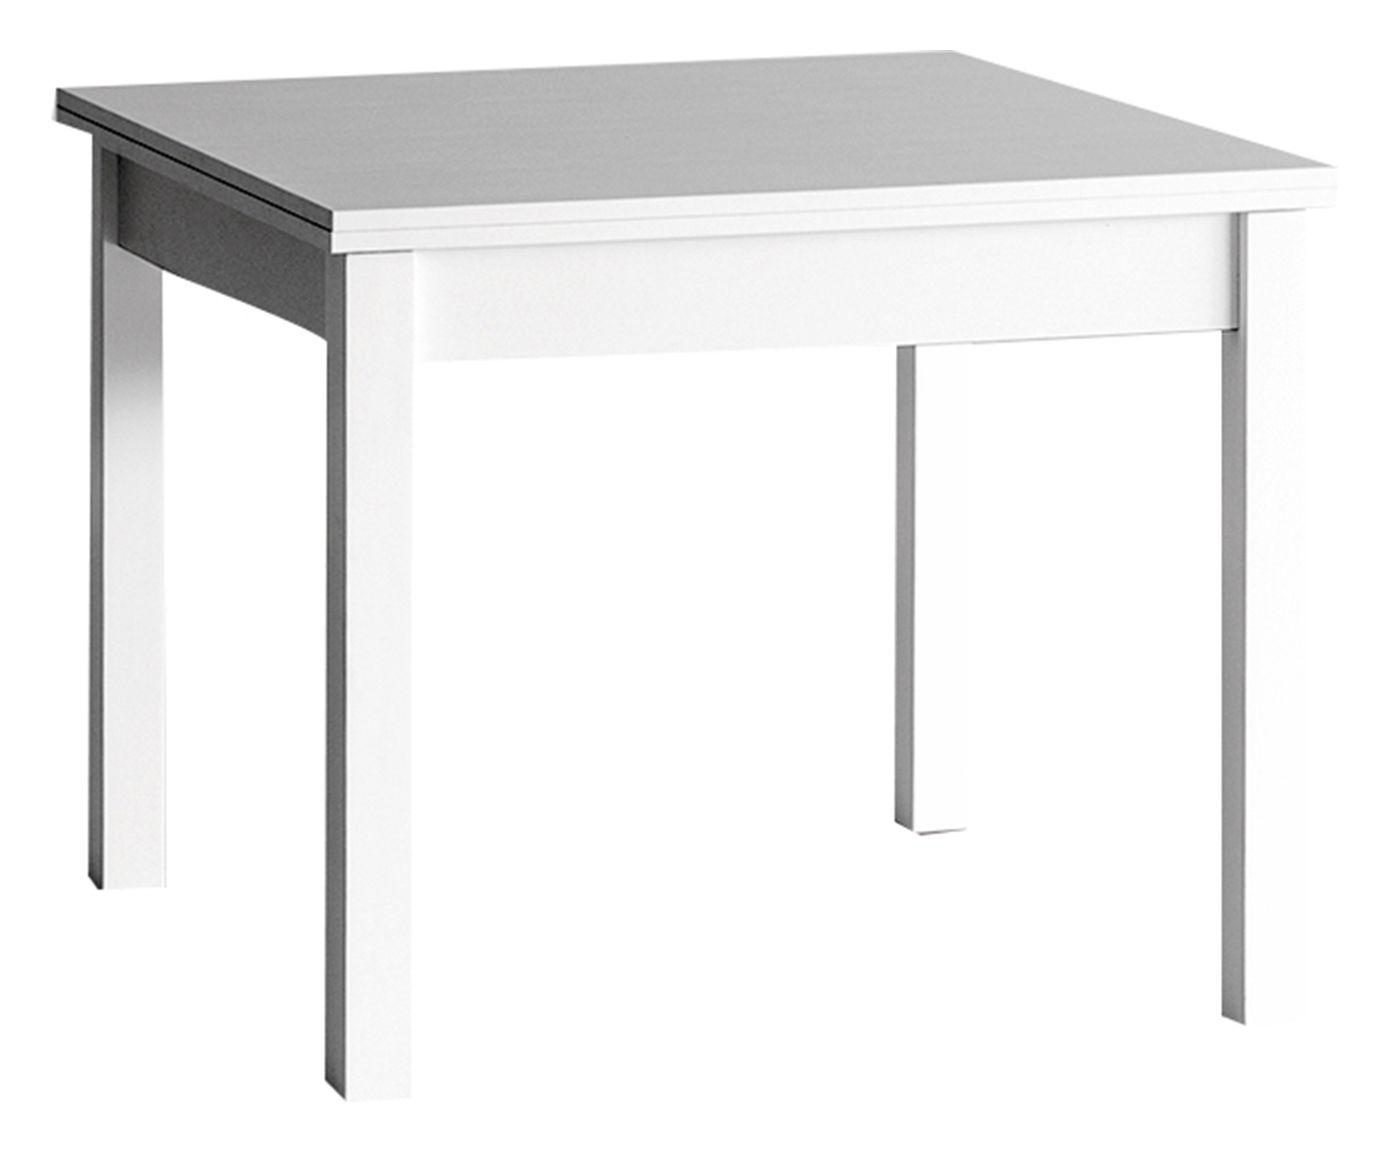 Tavolo 90 X 90 Allungabile Bianco.Tavolo Allungabile In Frassino Memo Bianco 90x90 240x75 Cm